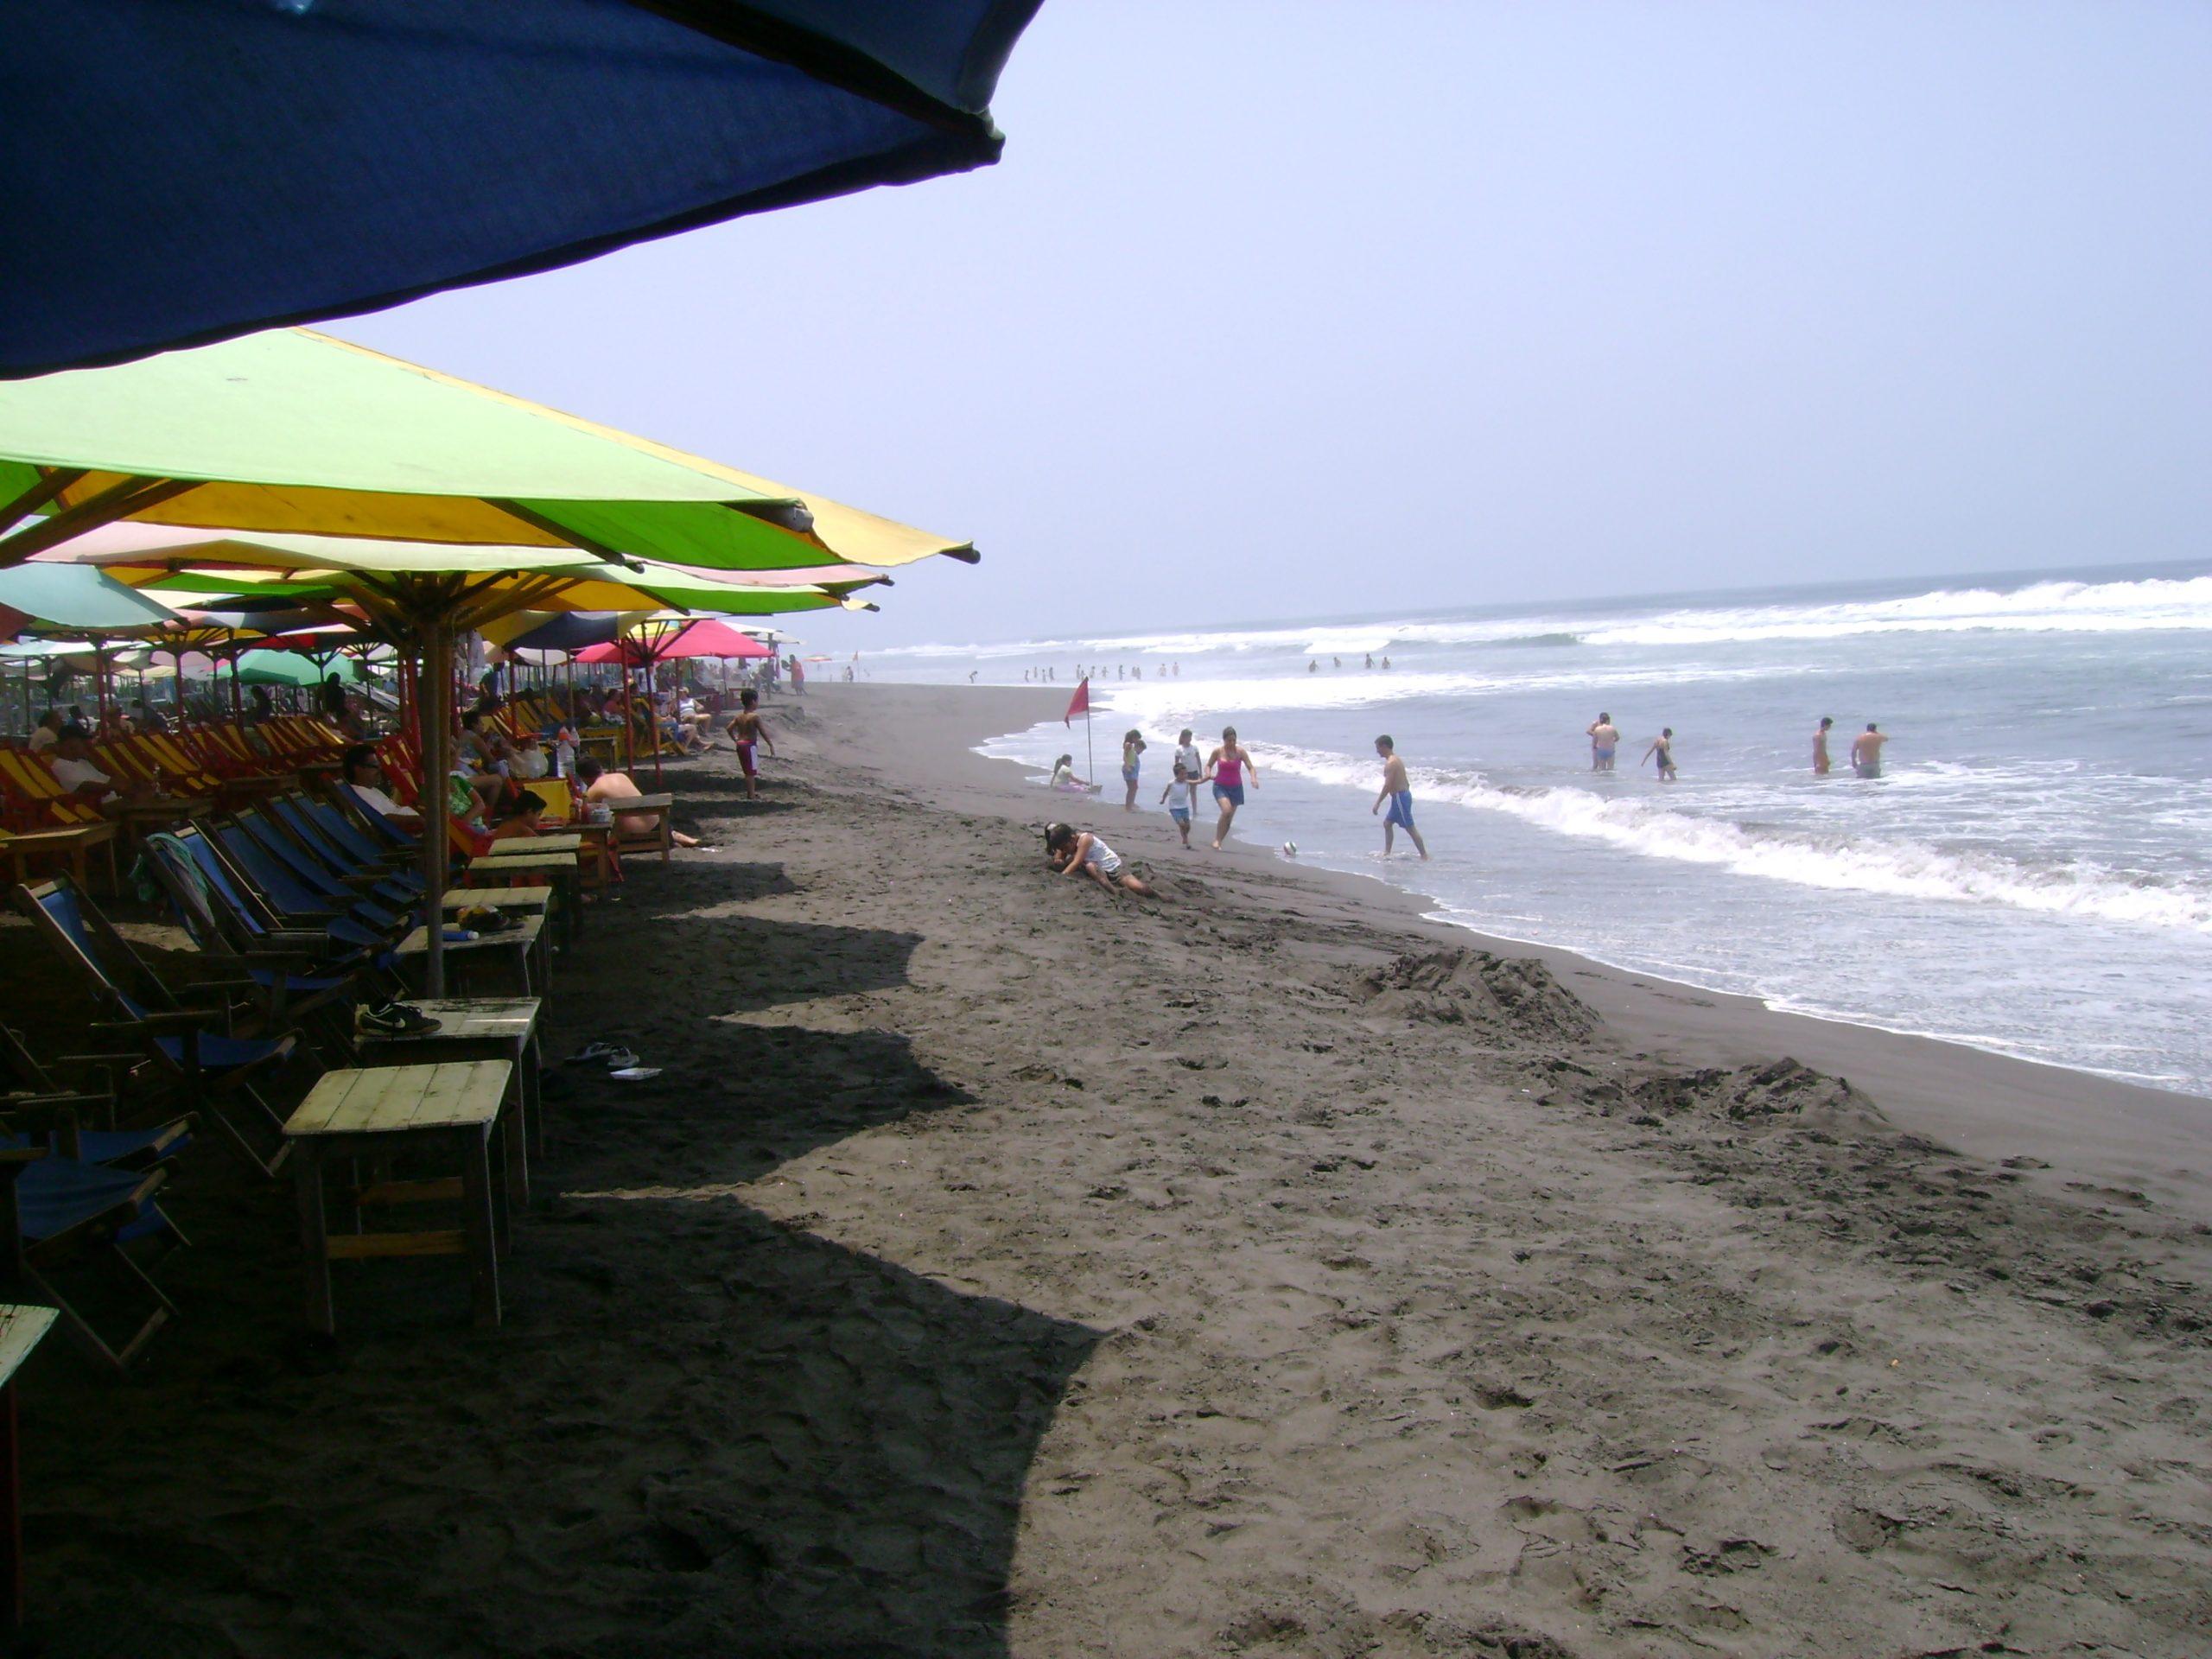 Mejores Playas Para Visitar En Las Costas De Jalisco (Actualizado 2020)